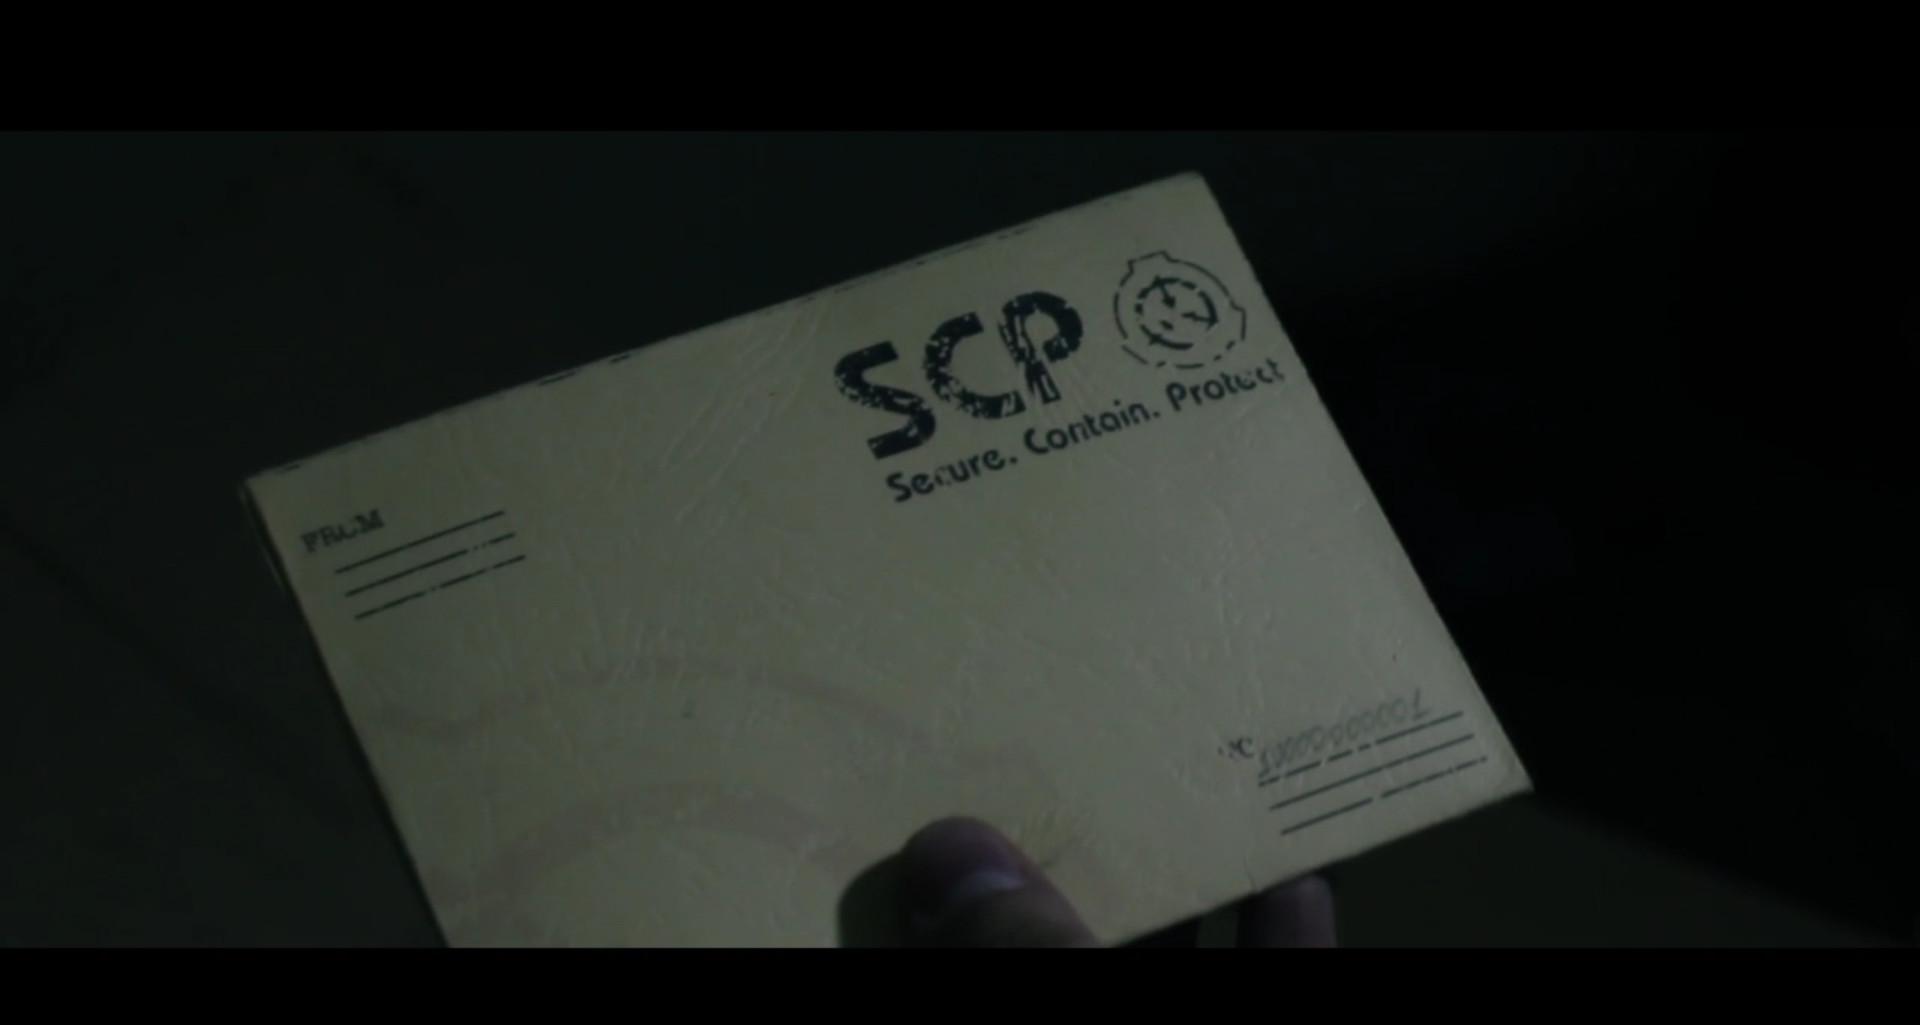 scp オブジェクト